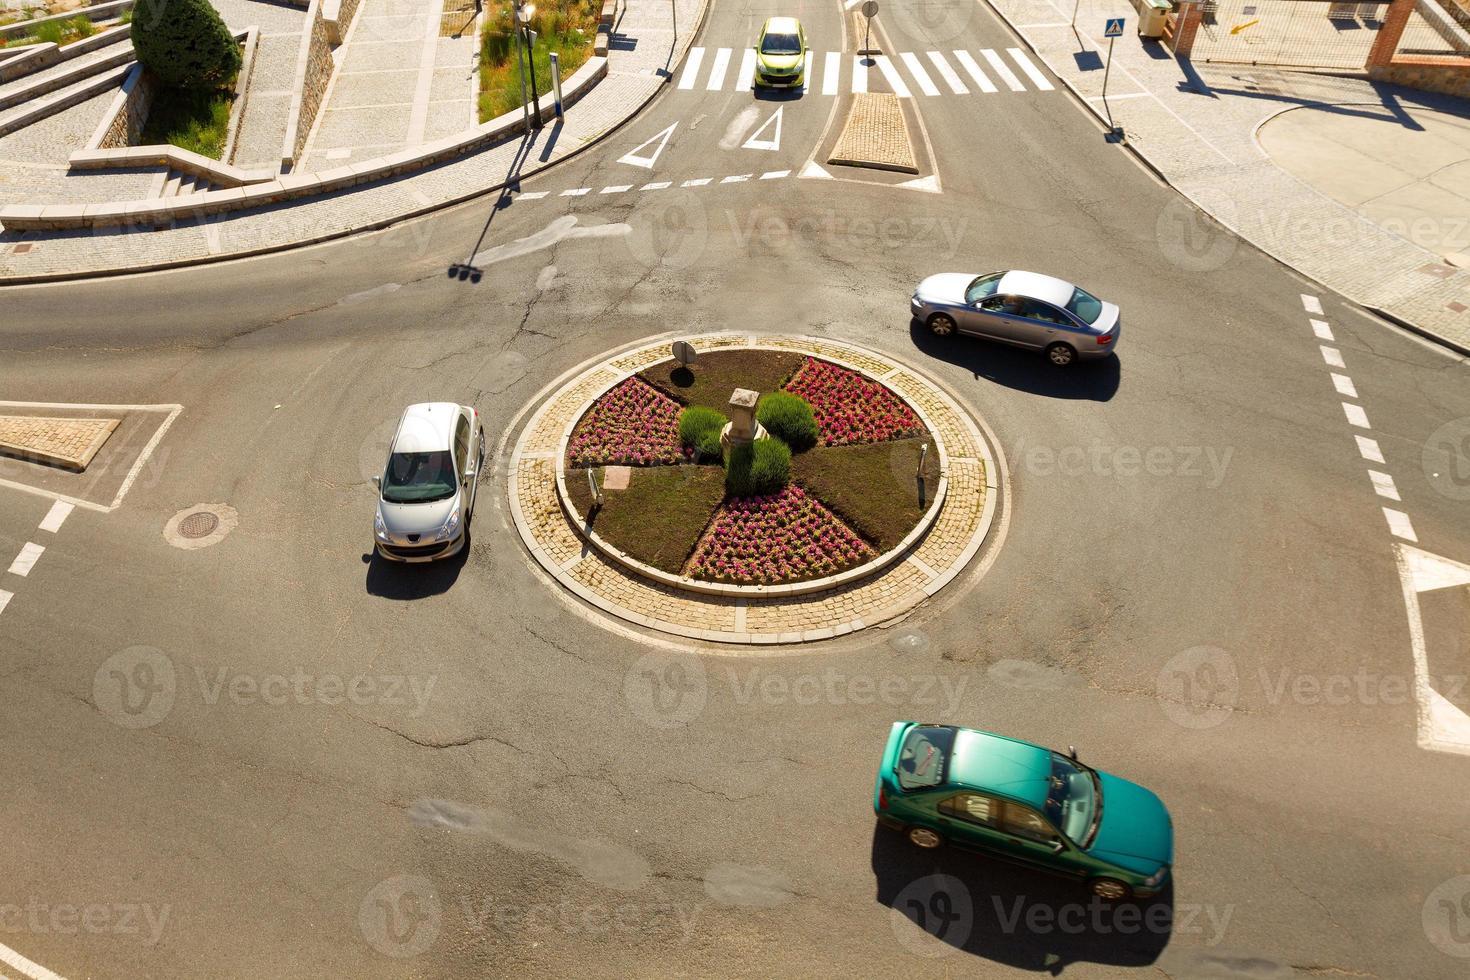 Roundabout photo